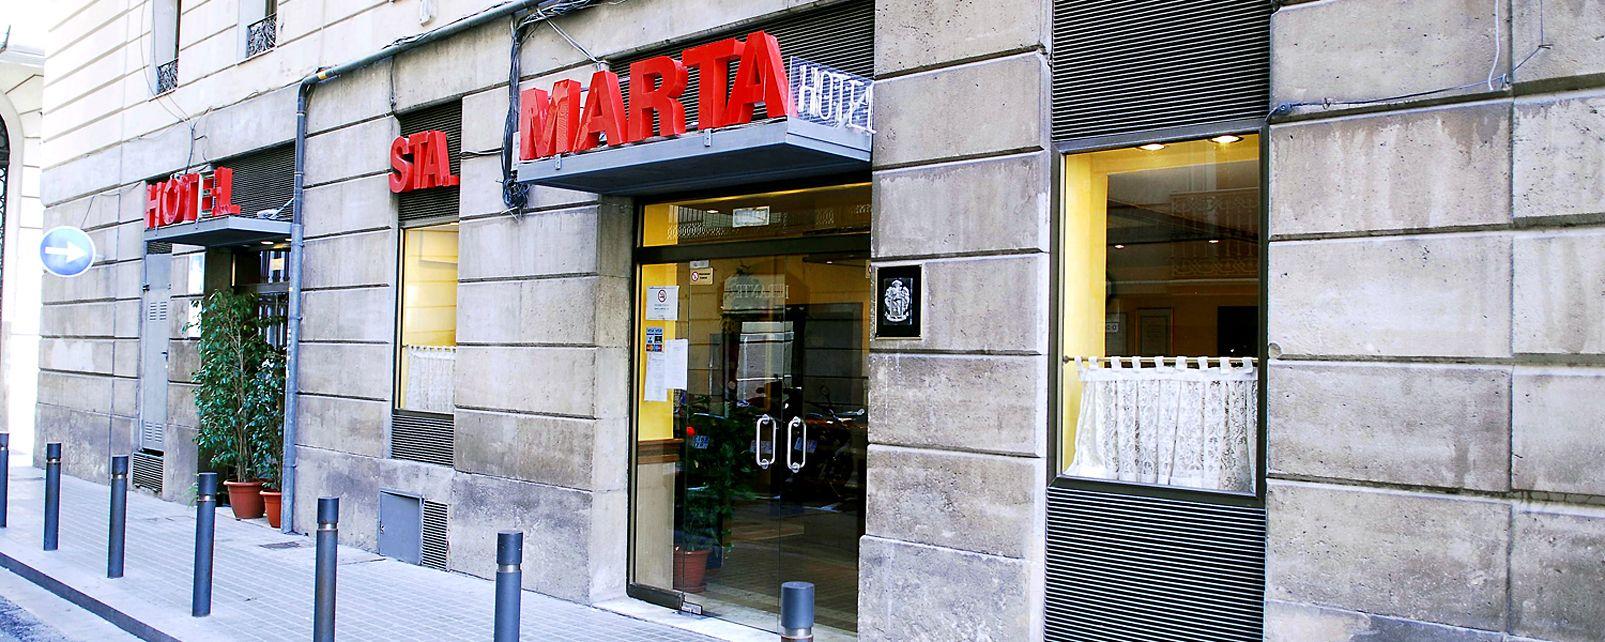 Hôtel Santa Marta